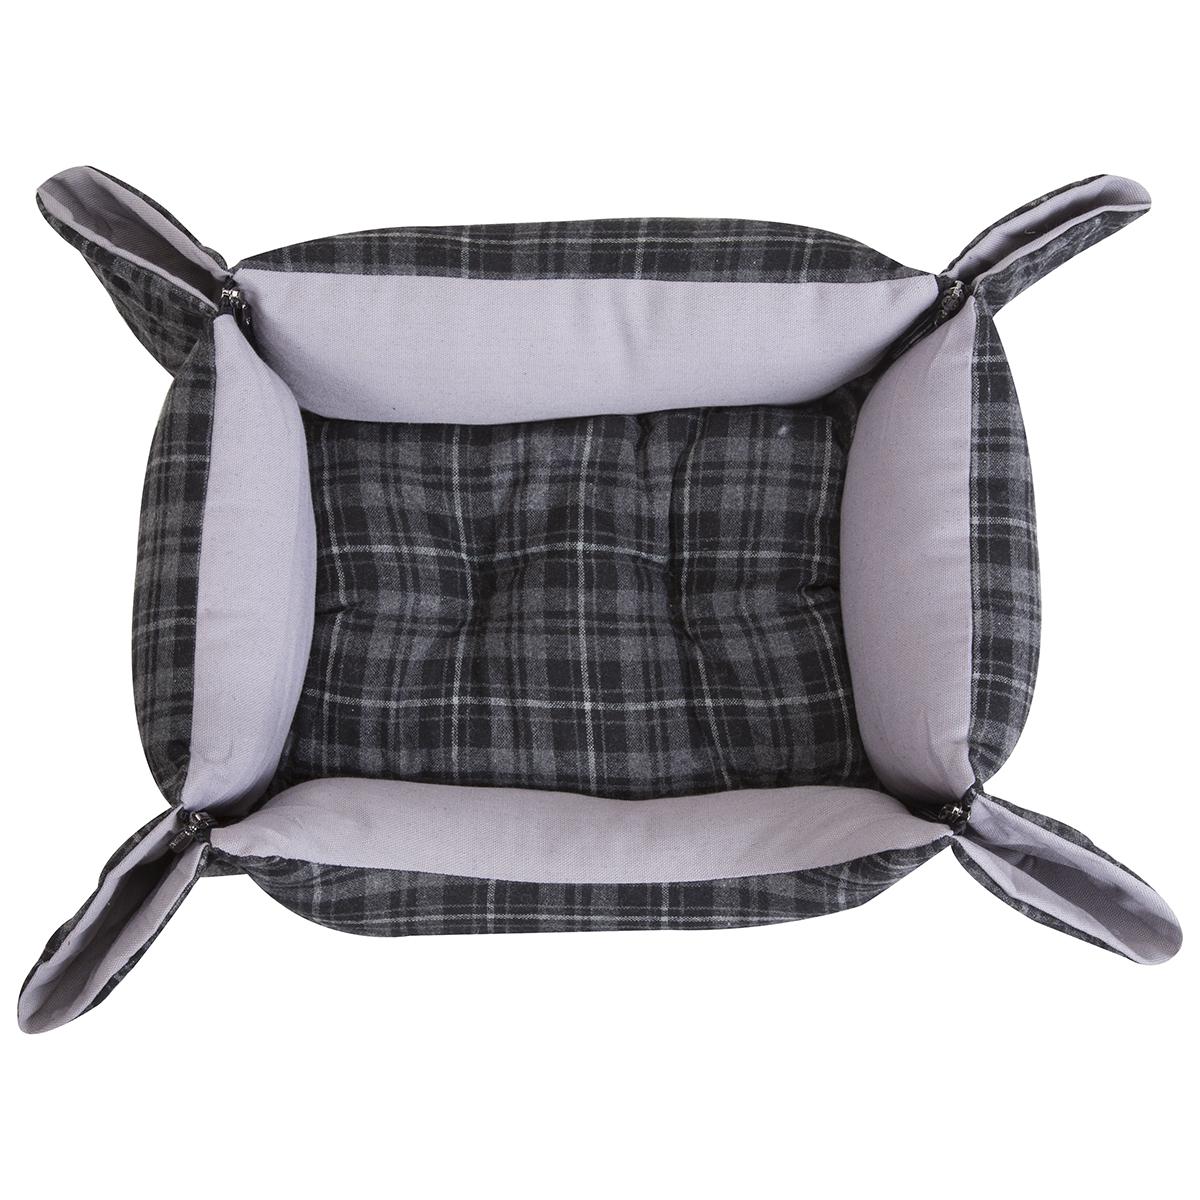 Panier style écossais gris avec fermeture éclair aux angles et coussin amovible 2